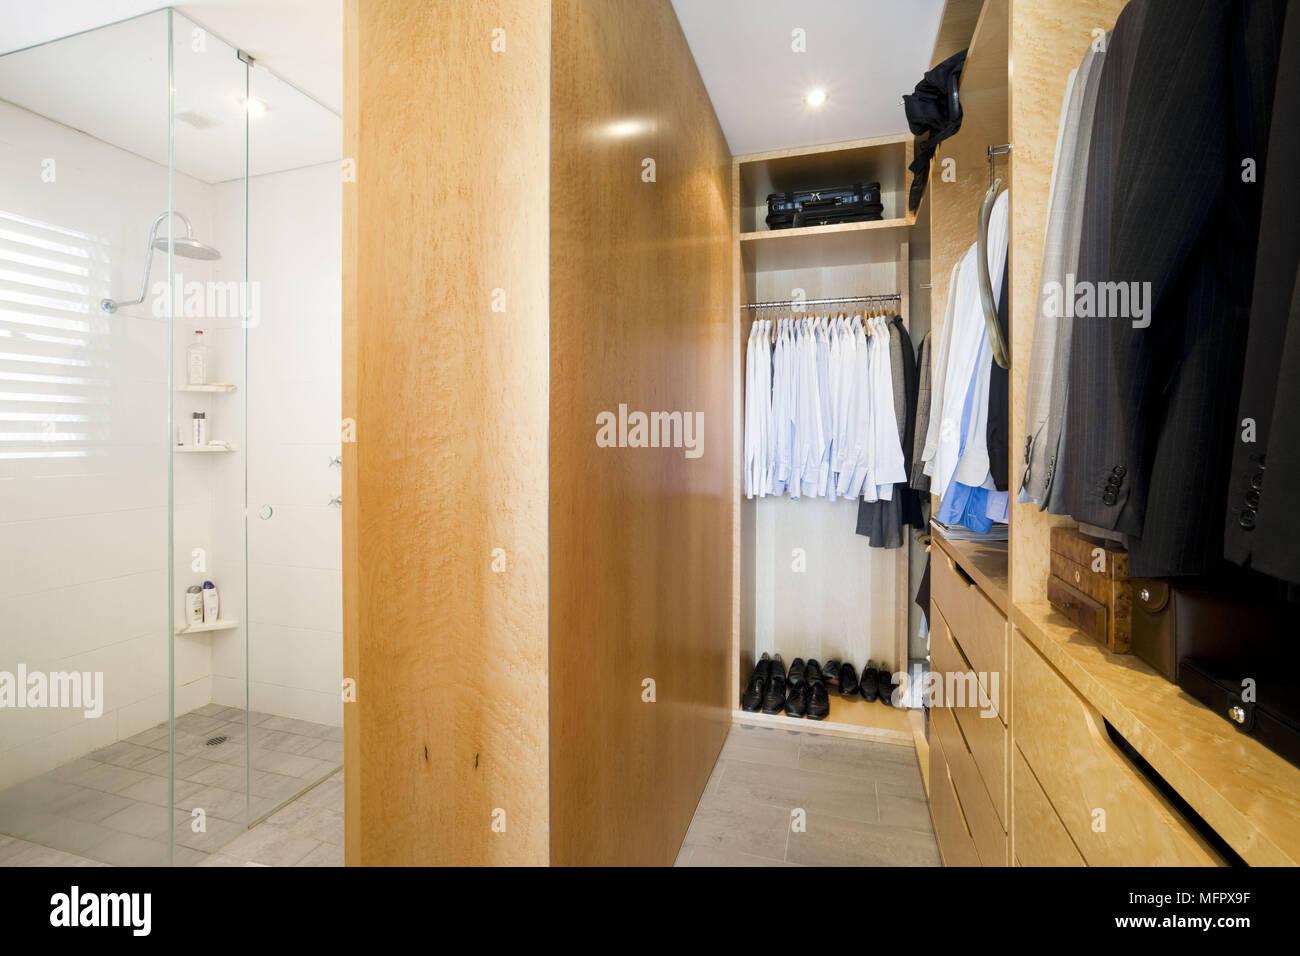 Parete Divisoria In Legno : Box doccia separato da spogliatoio da legno parete divisoria foto